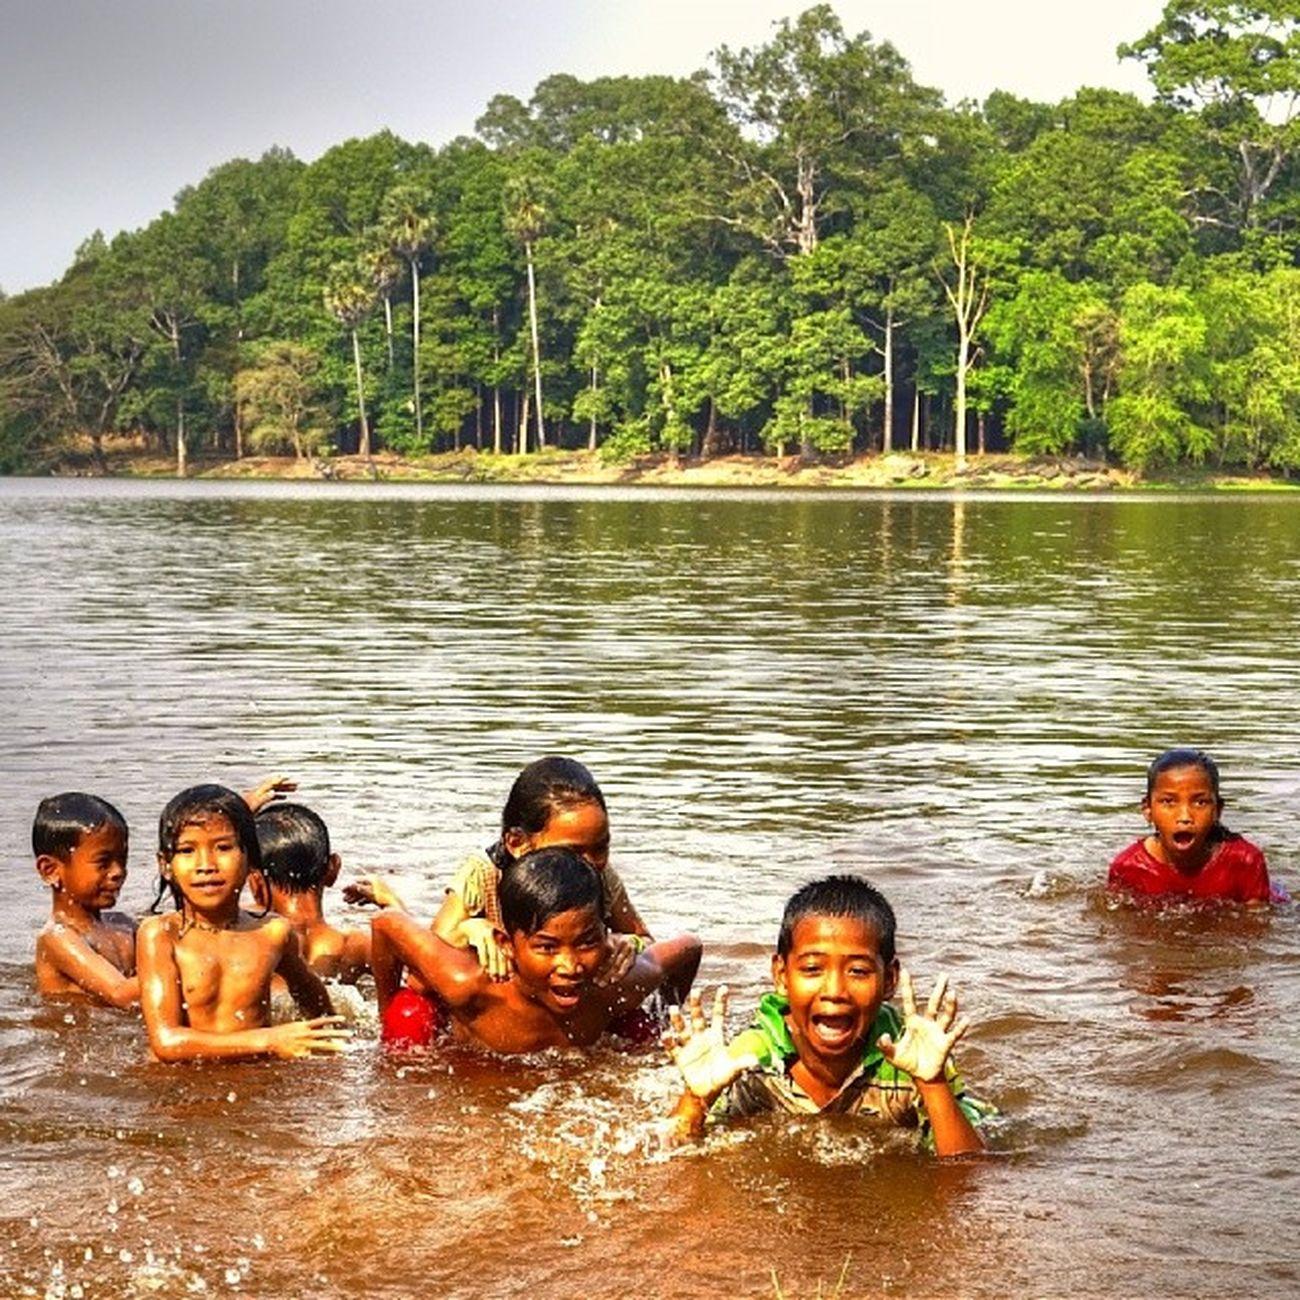 Cambodiangirl Cambodian Girl Lake View In Cambodia Cambodge Only In Cambodia Cambodia Tour Cambodians Cambodia Children Cambodia Children Of Cambodia Siemreap Siem Reap